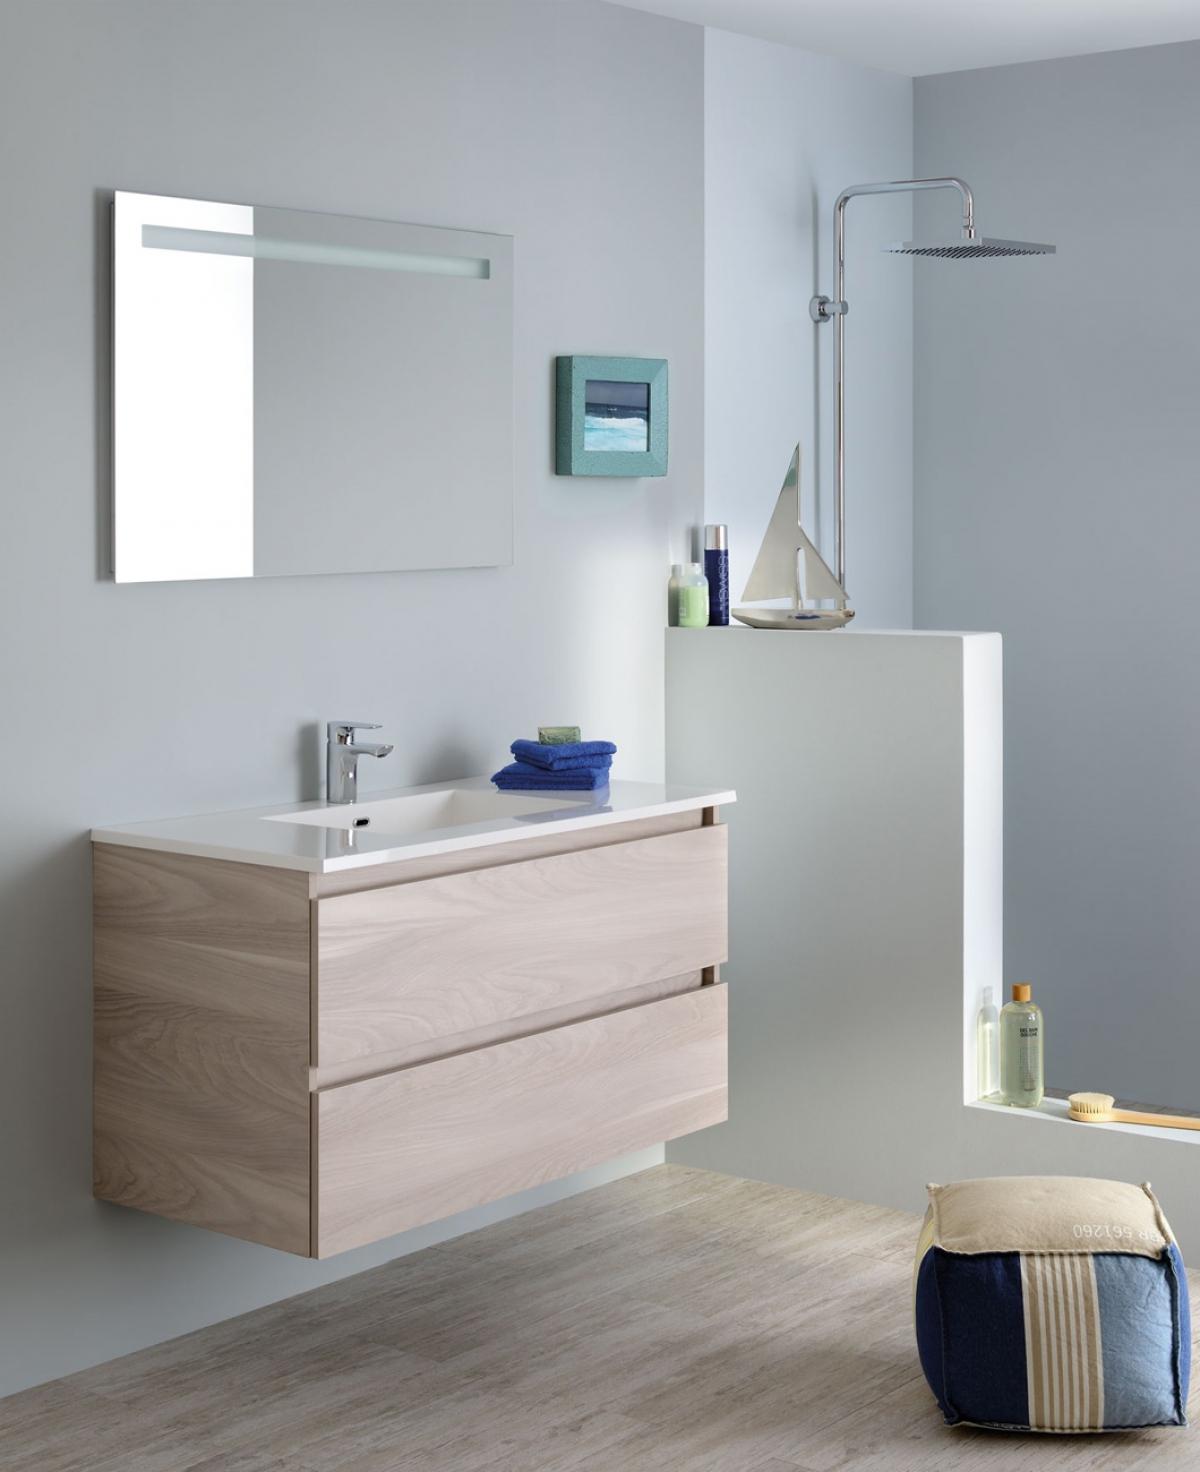 meuble salle de bain sanijura sobro